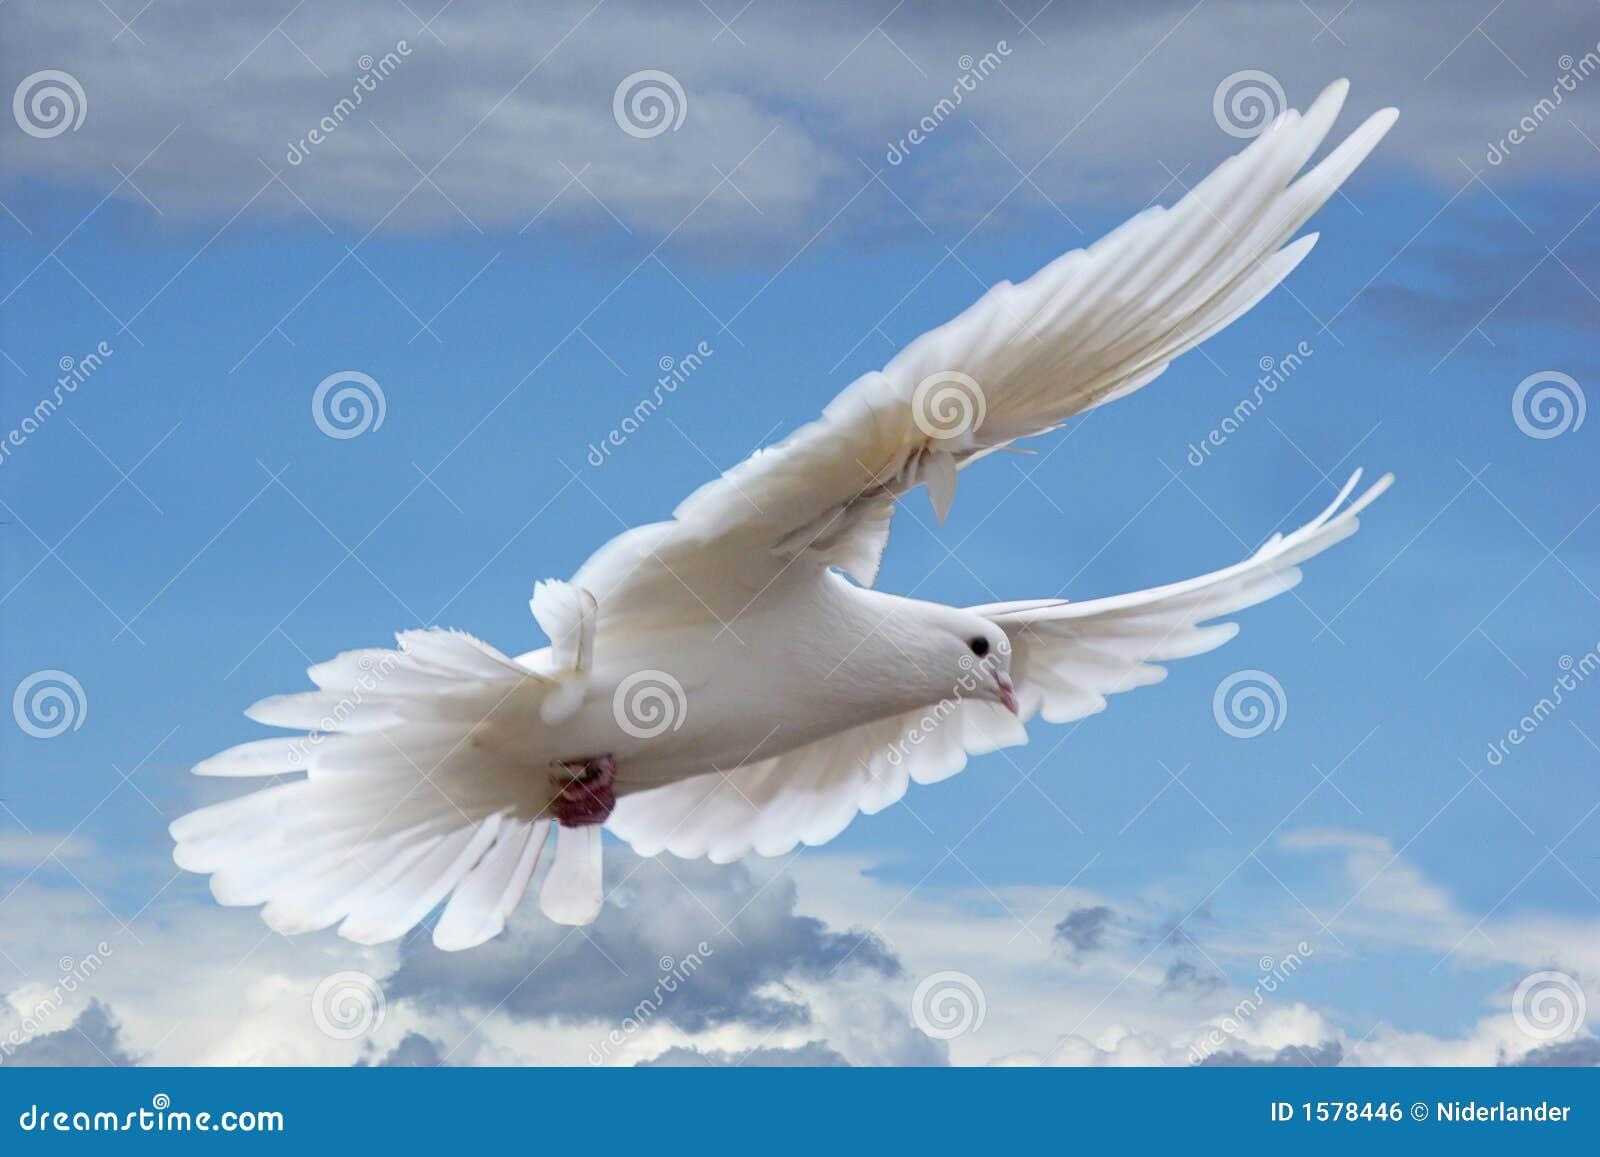 - pigeon-blanc-dans-les-cieux-1578446